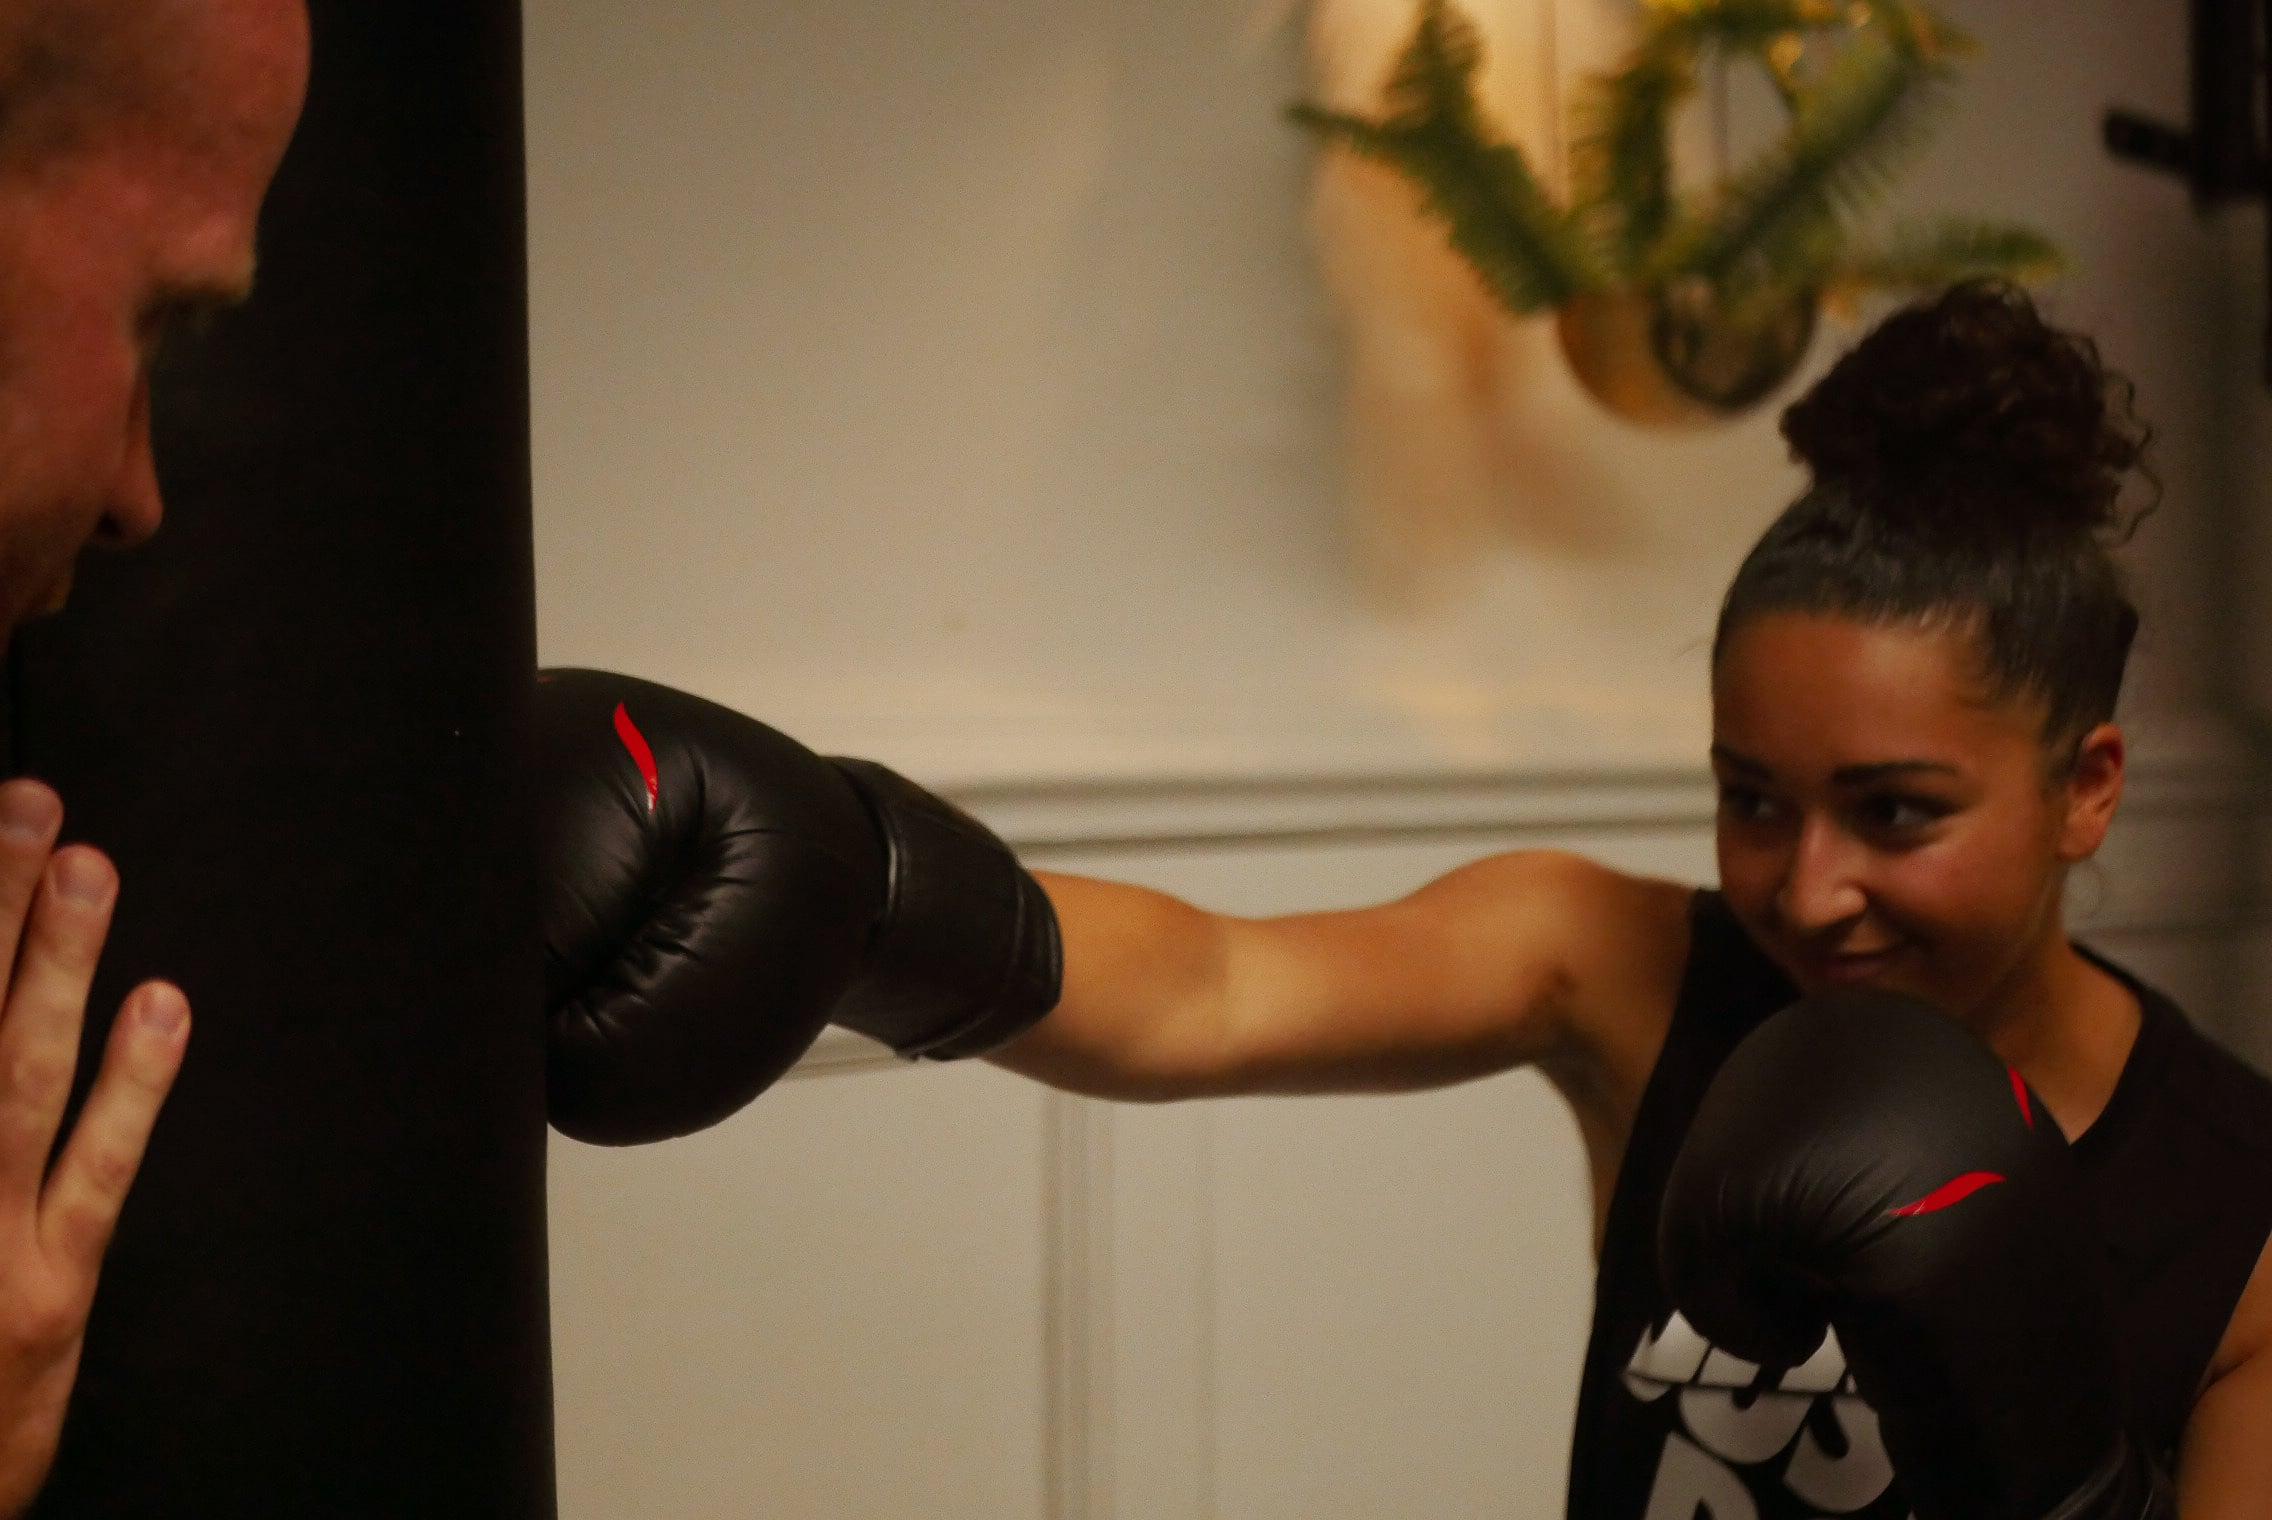 séance de boxe avec ines